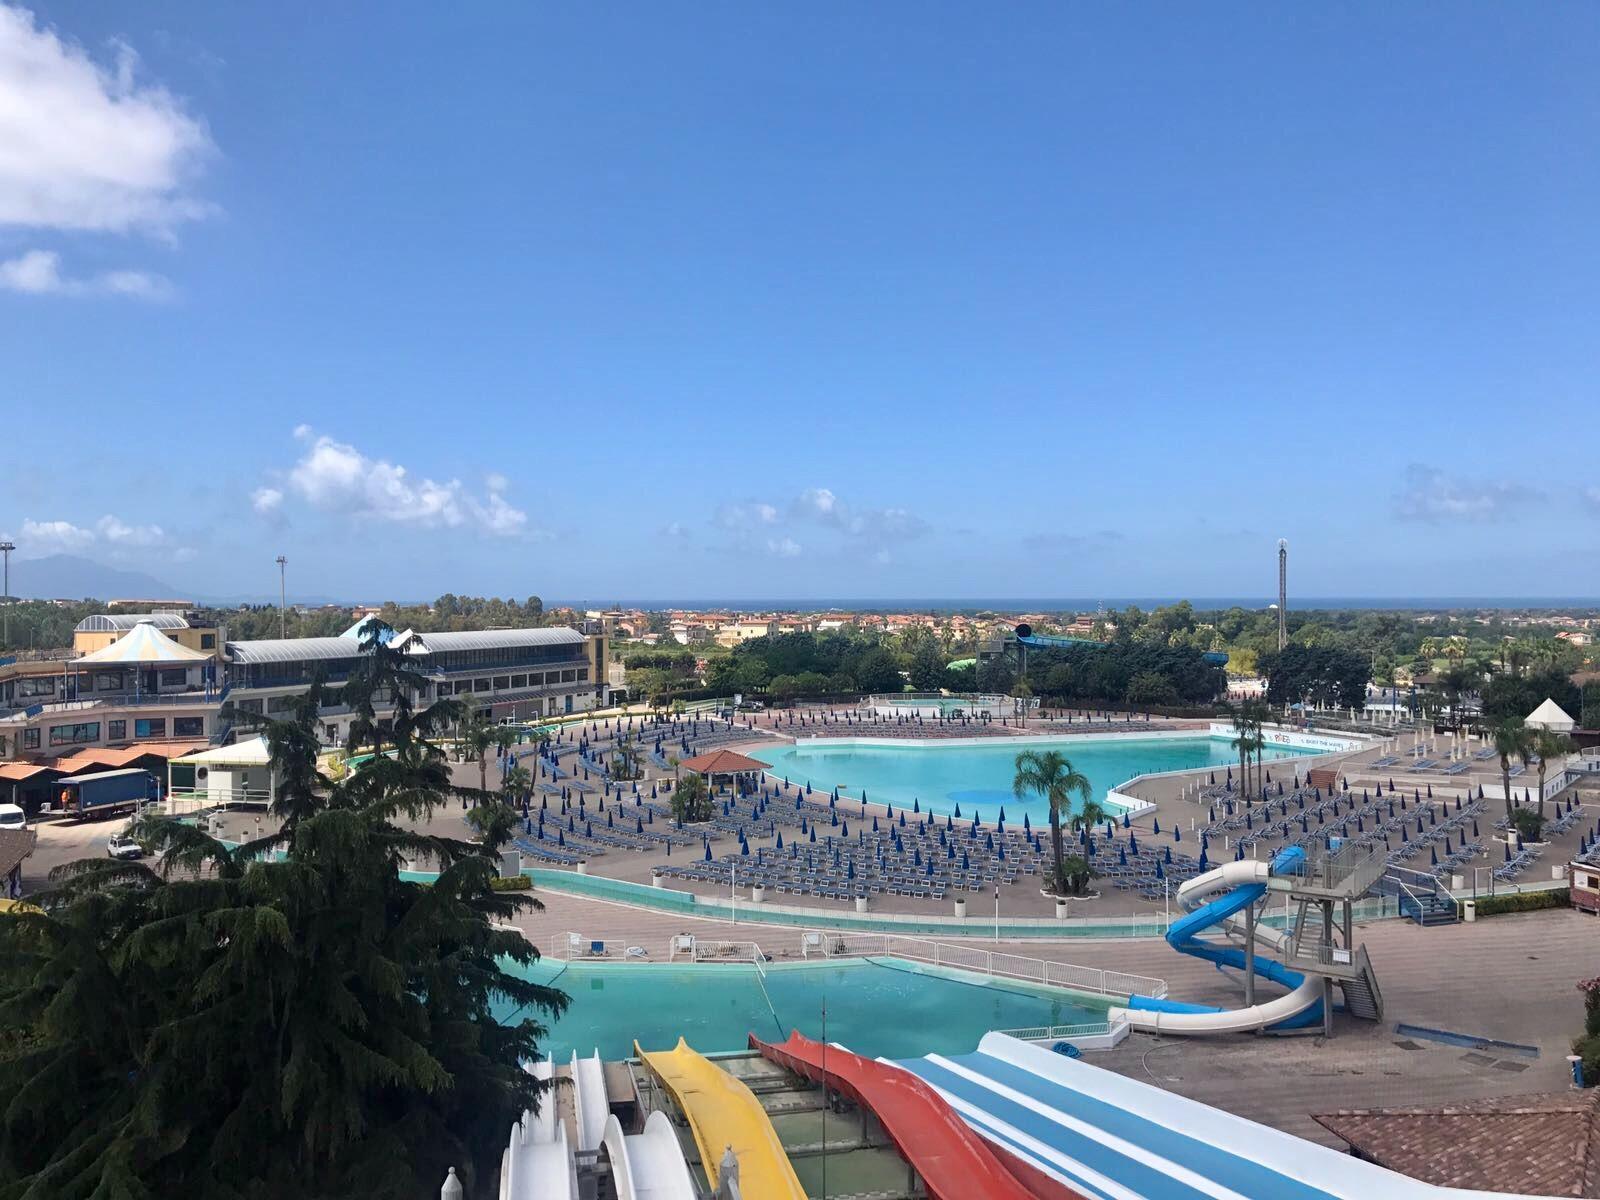 Inaugurato il Pareo Park a Licola 50 milioni di